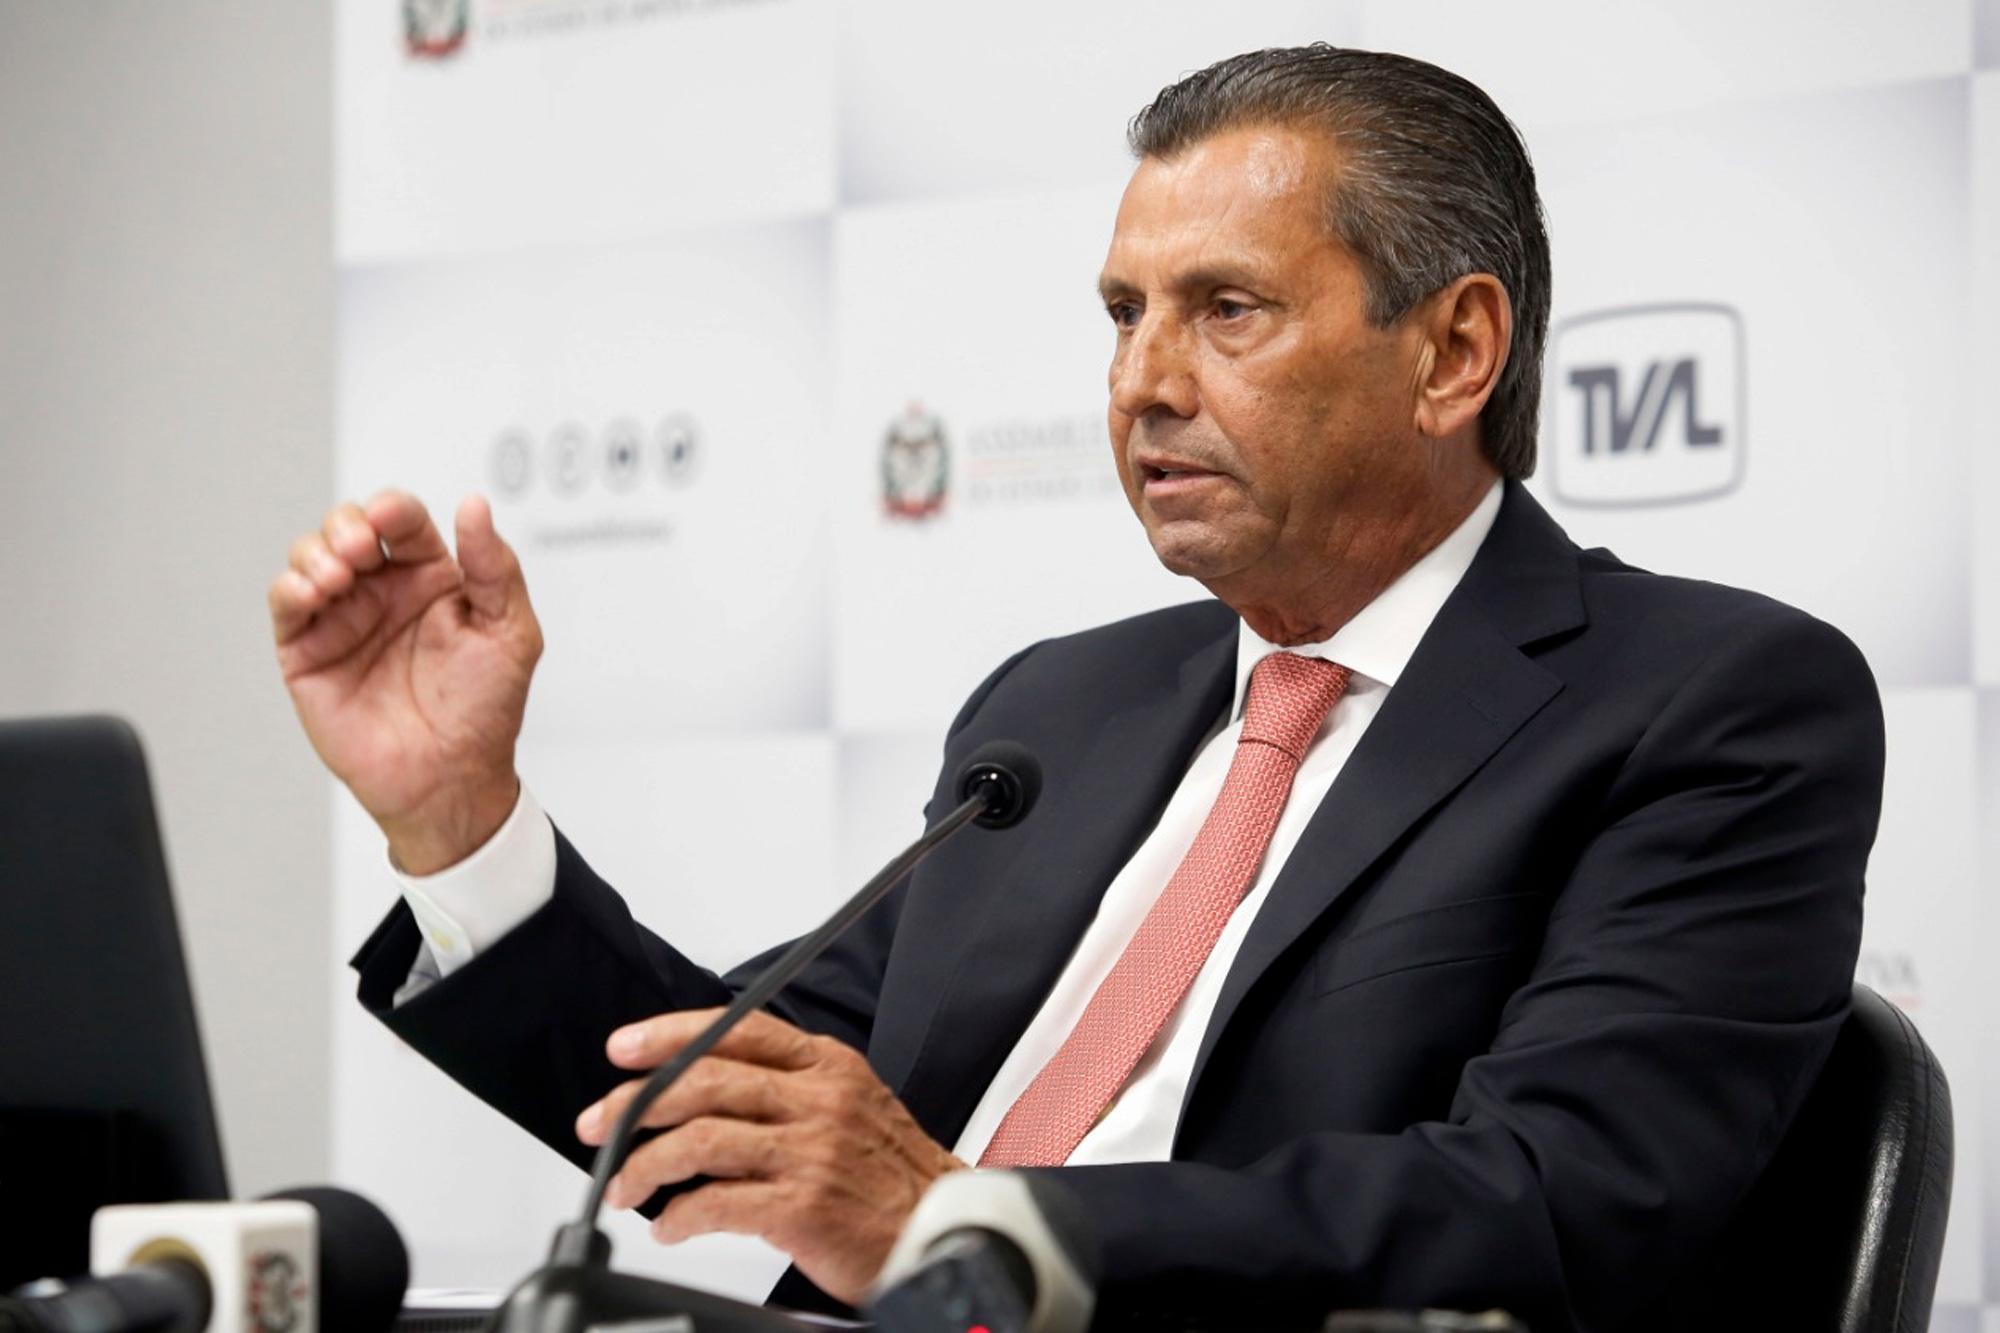 Abandonado por Bolsonaro, governador de Santa Catarina é afastado no escândalo dos respiradores